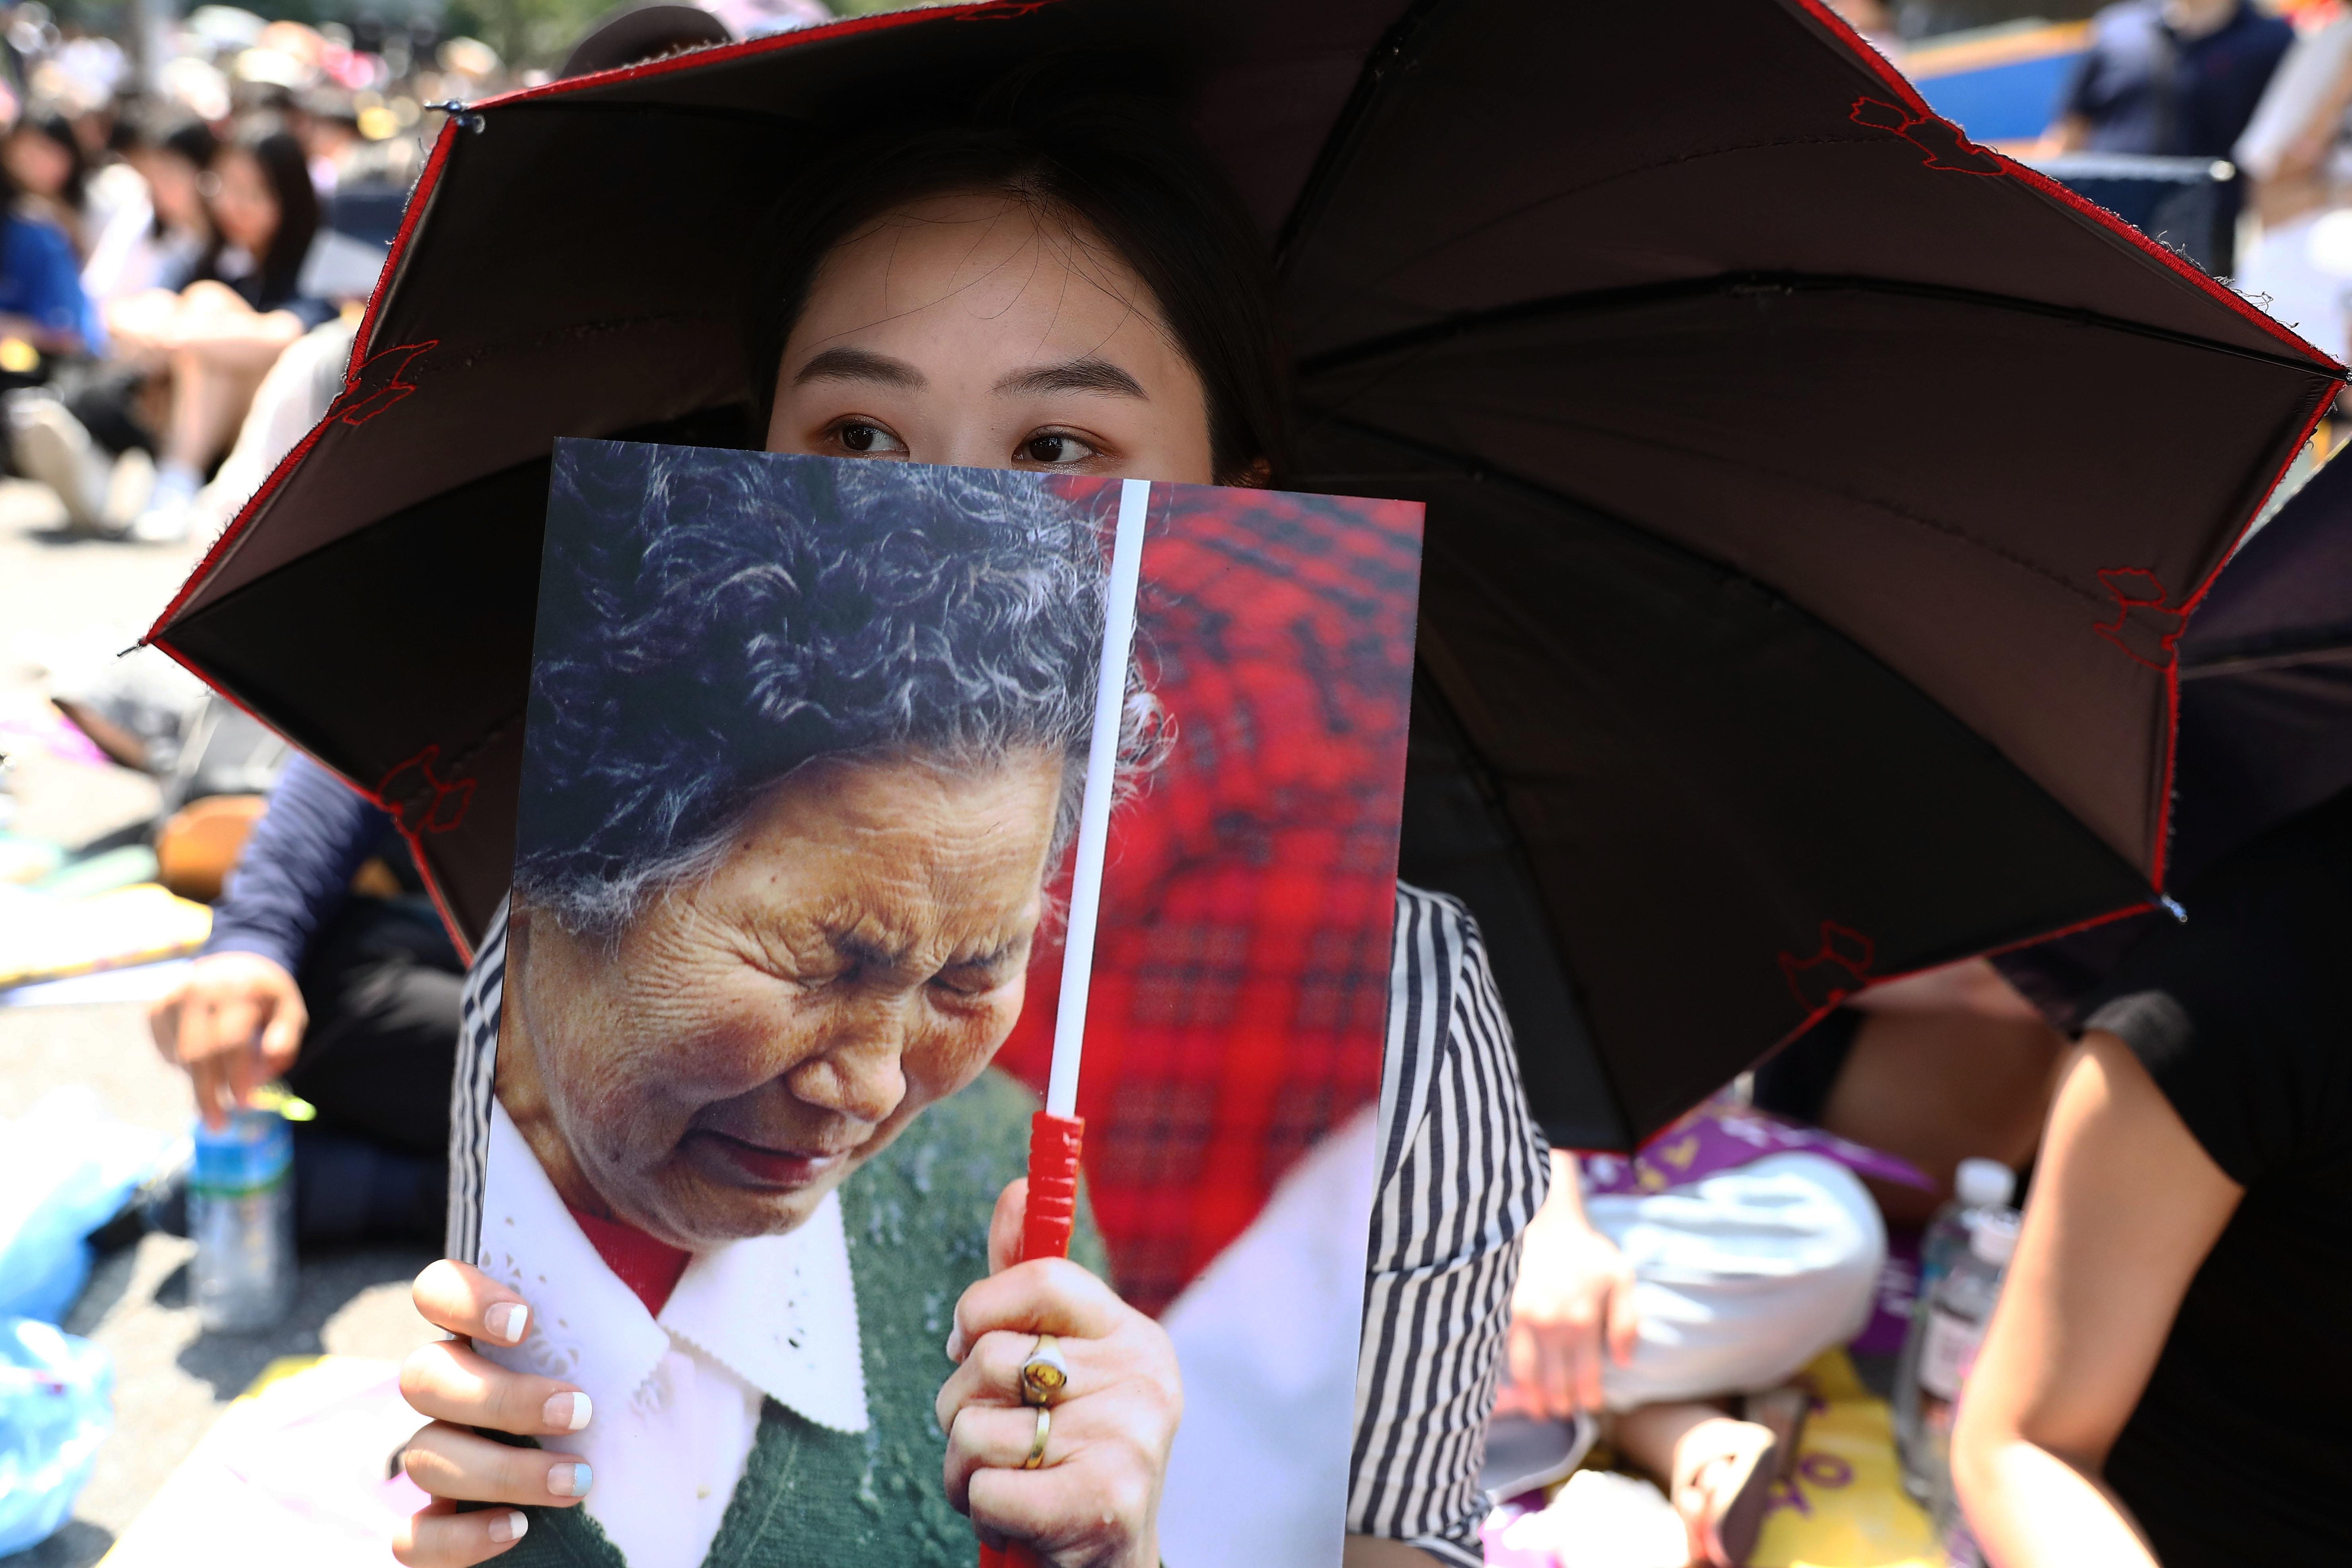 Η Νότια Κορέα διεκδικεί αποζημιώσεις από την Μitshubishi για την επιβολή καταναγκαστικής